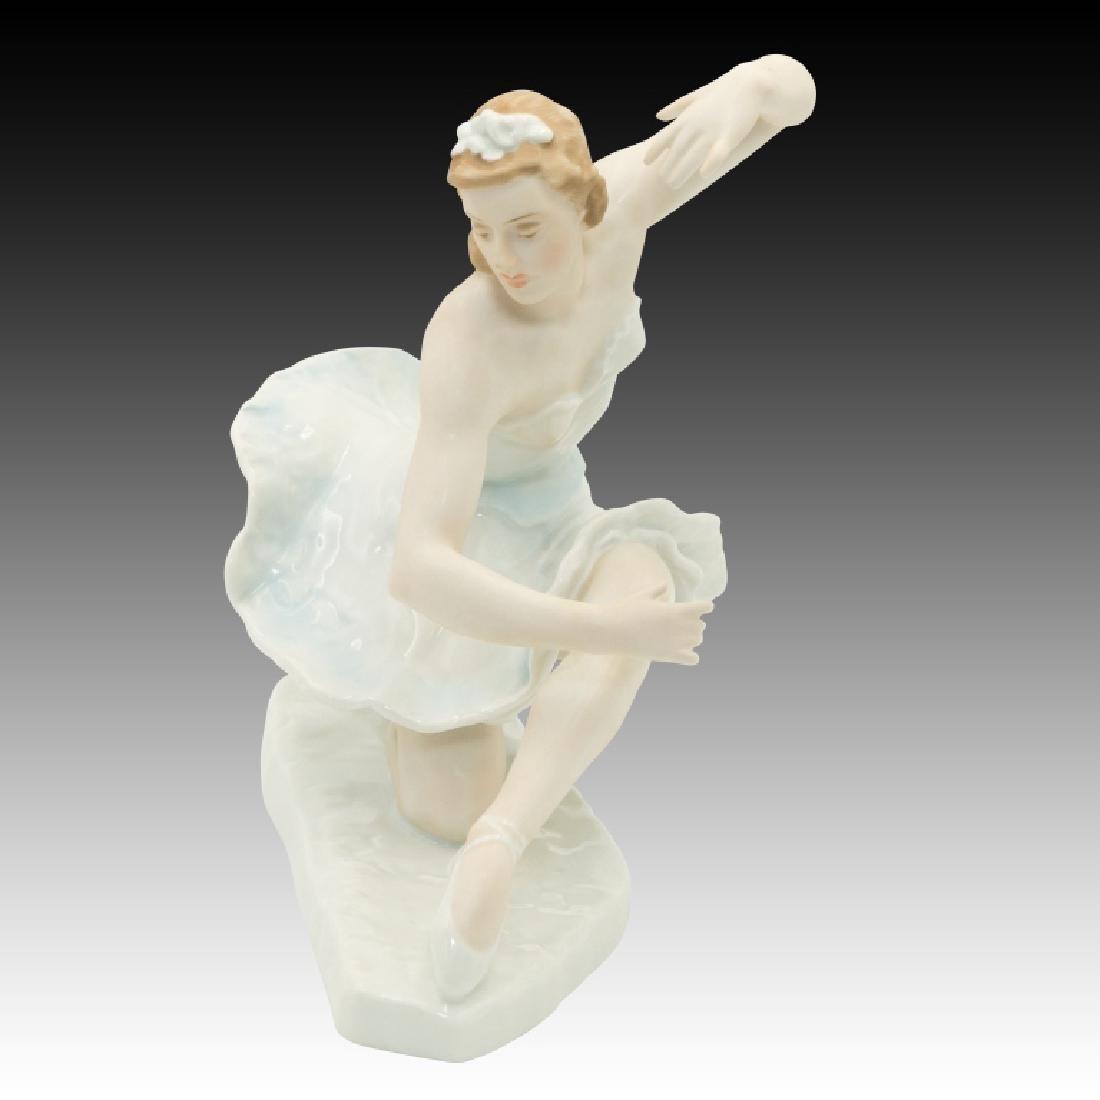 Rosenthal Ballerina Figure Kneeling with Hands Up - 2